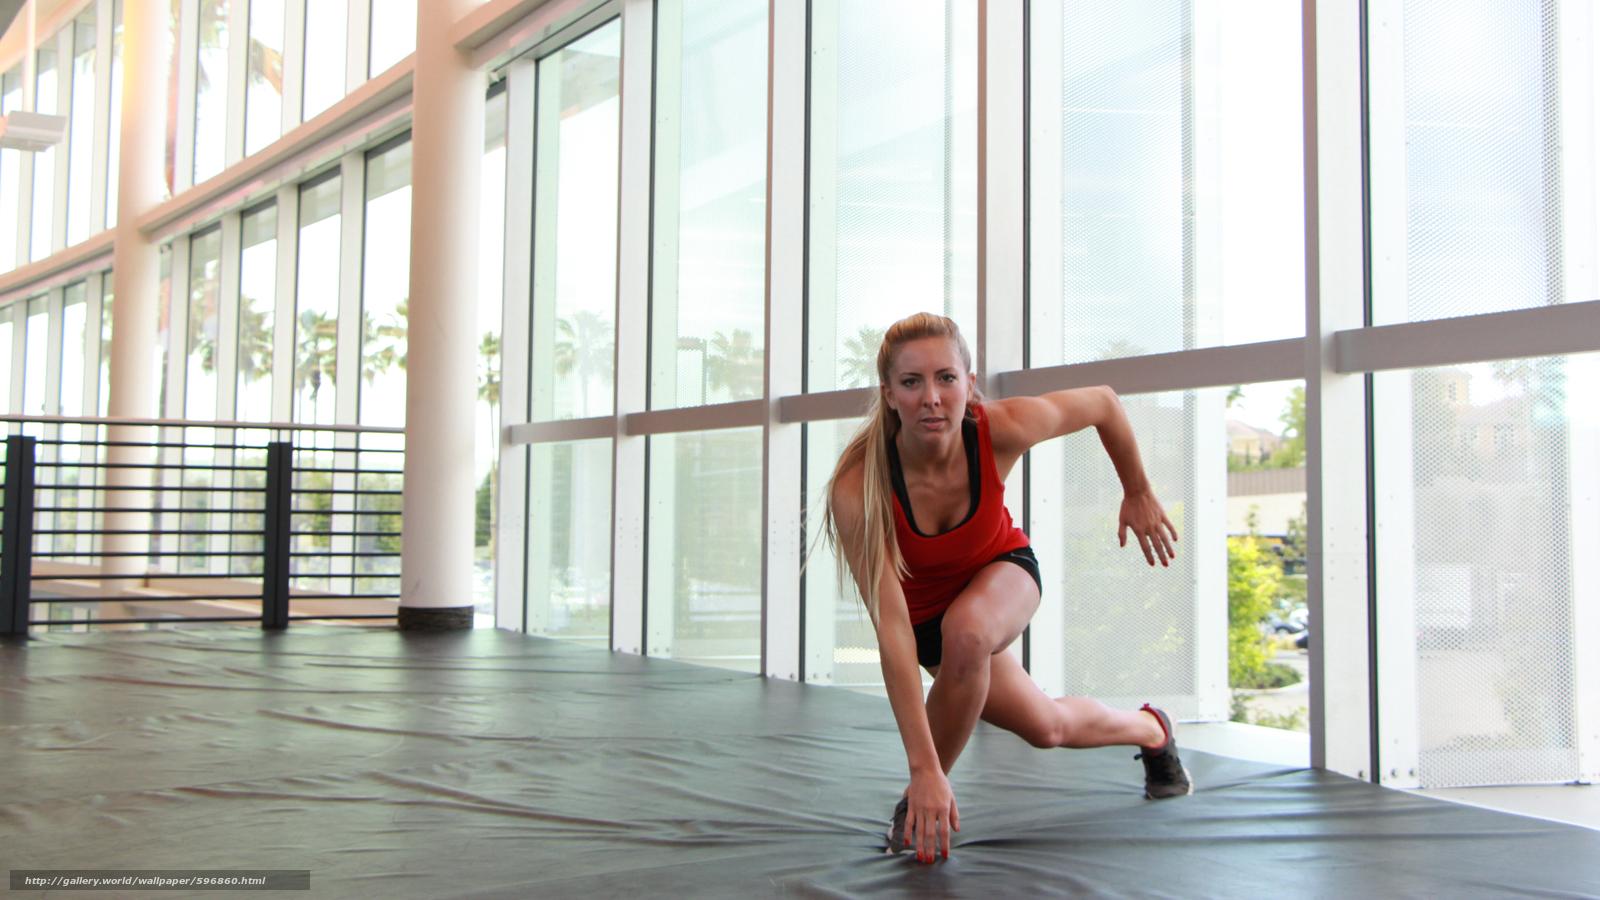 scaricare gli sfondi Fitness,  pilates,  Sport Sfondi gratis per la risoluzione del desktop 5150x2897 — immagine №596860